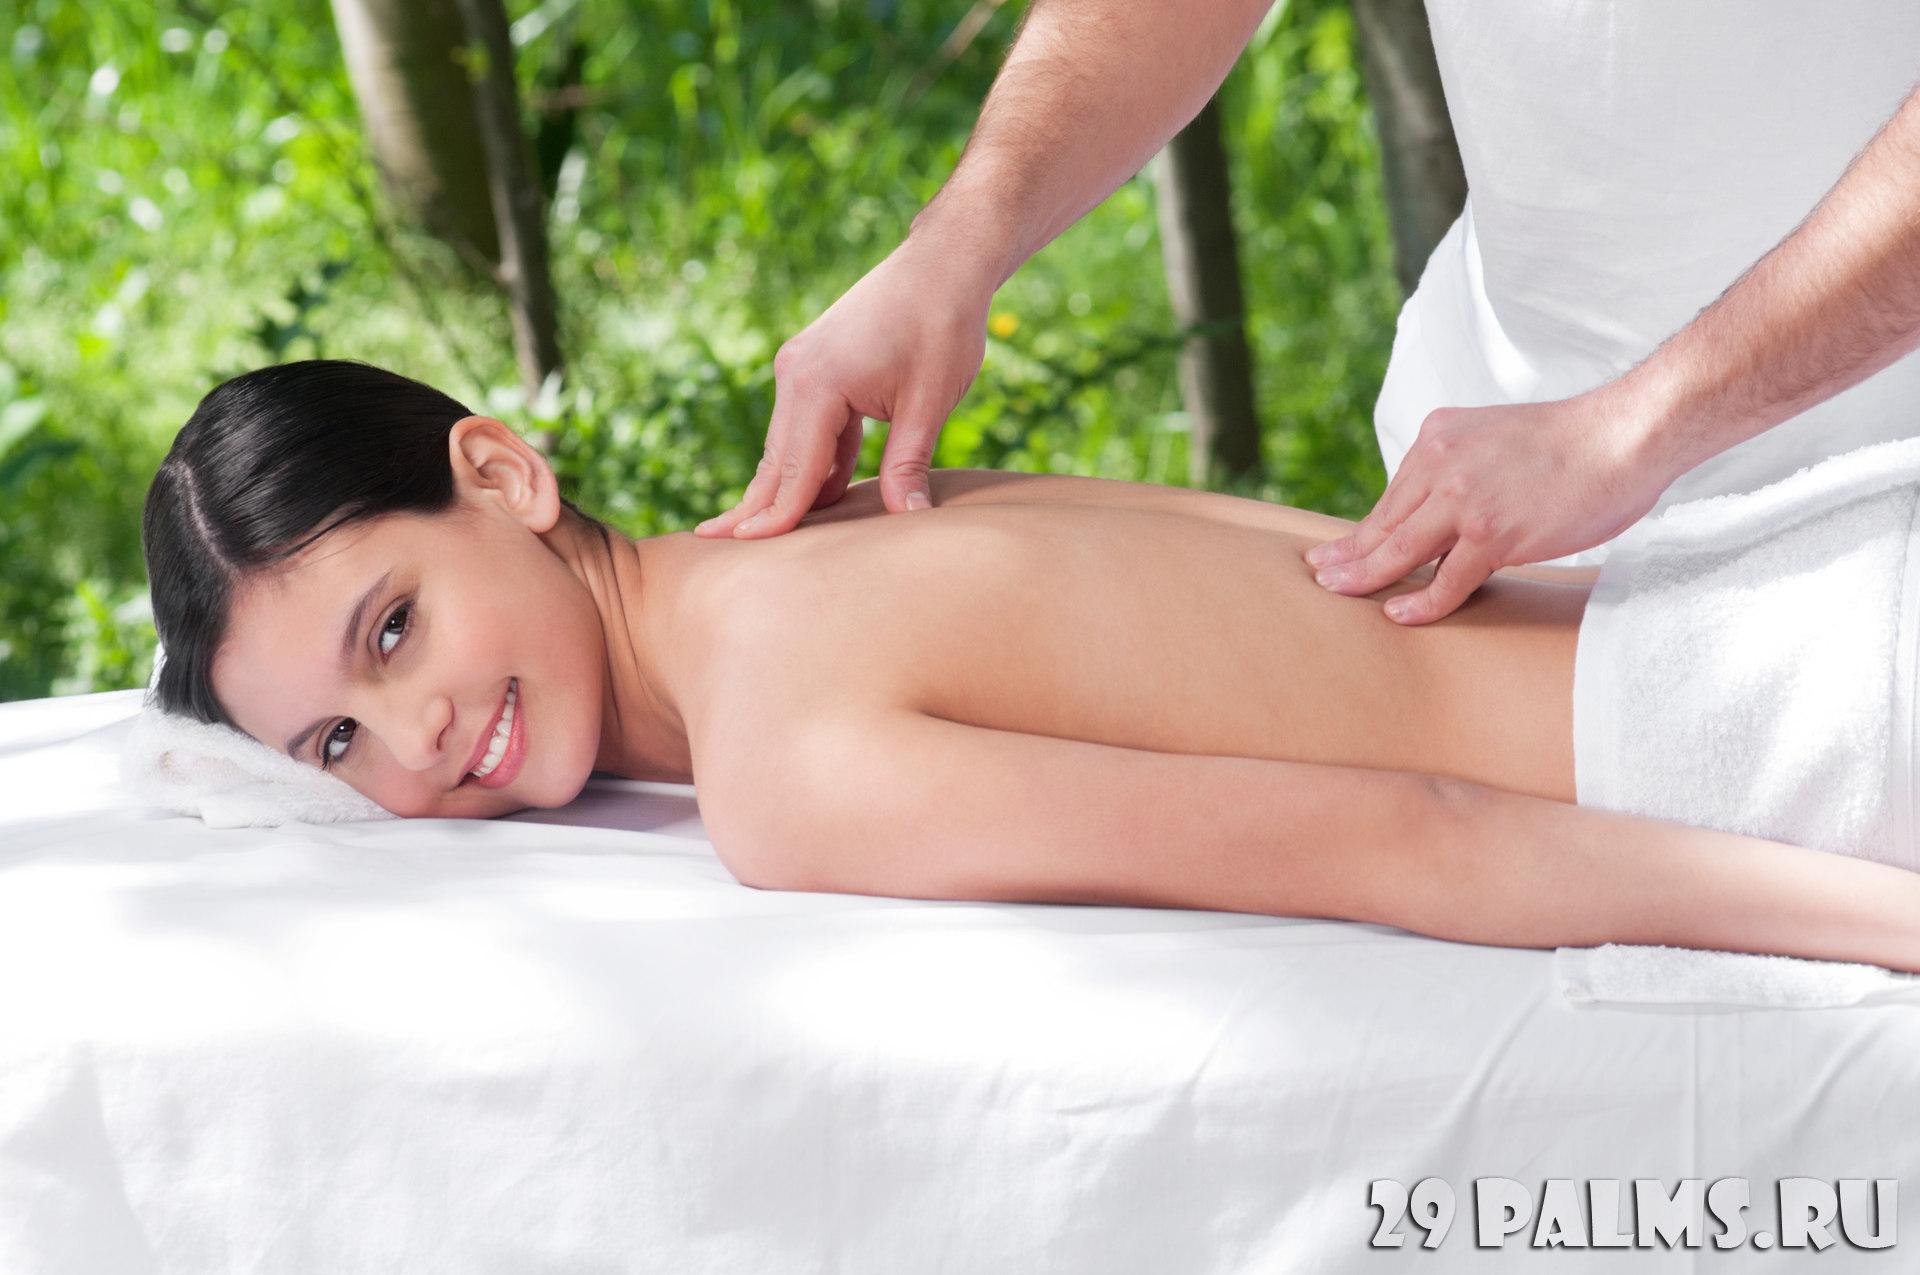 porno-massazh-s-molodenkimi